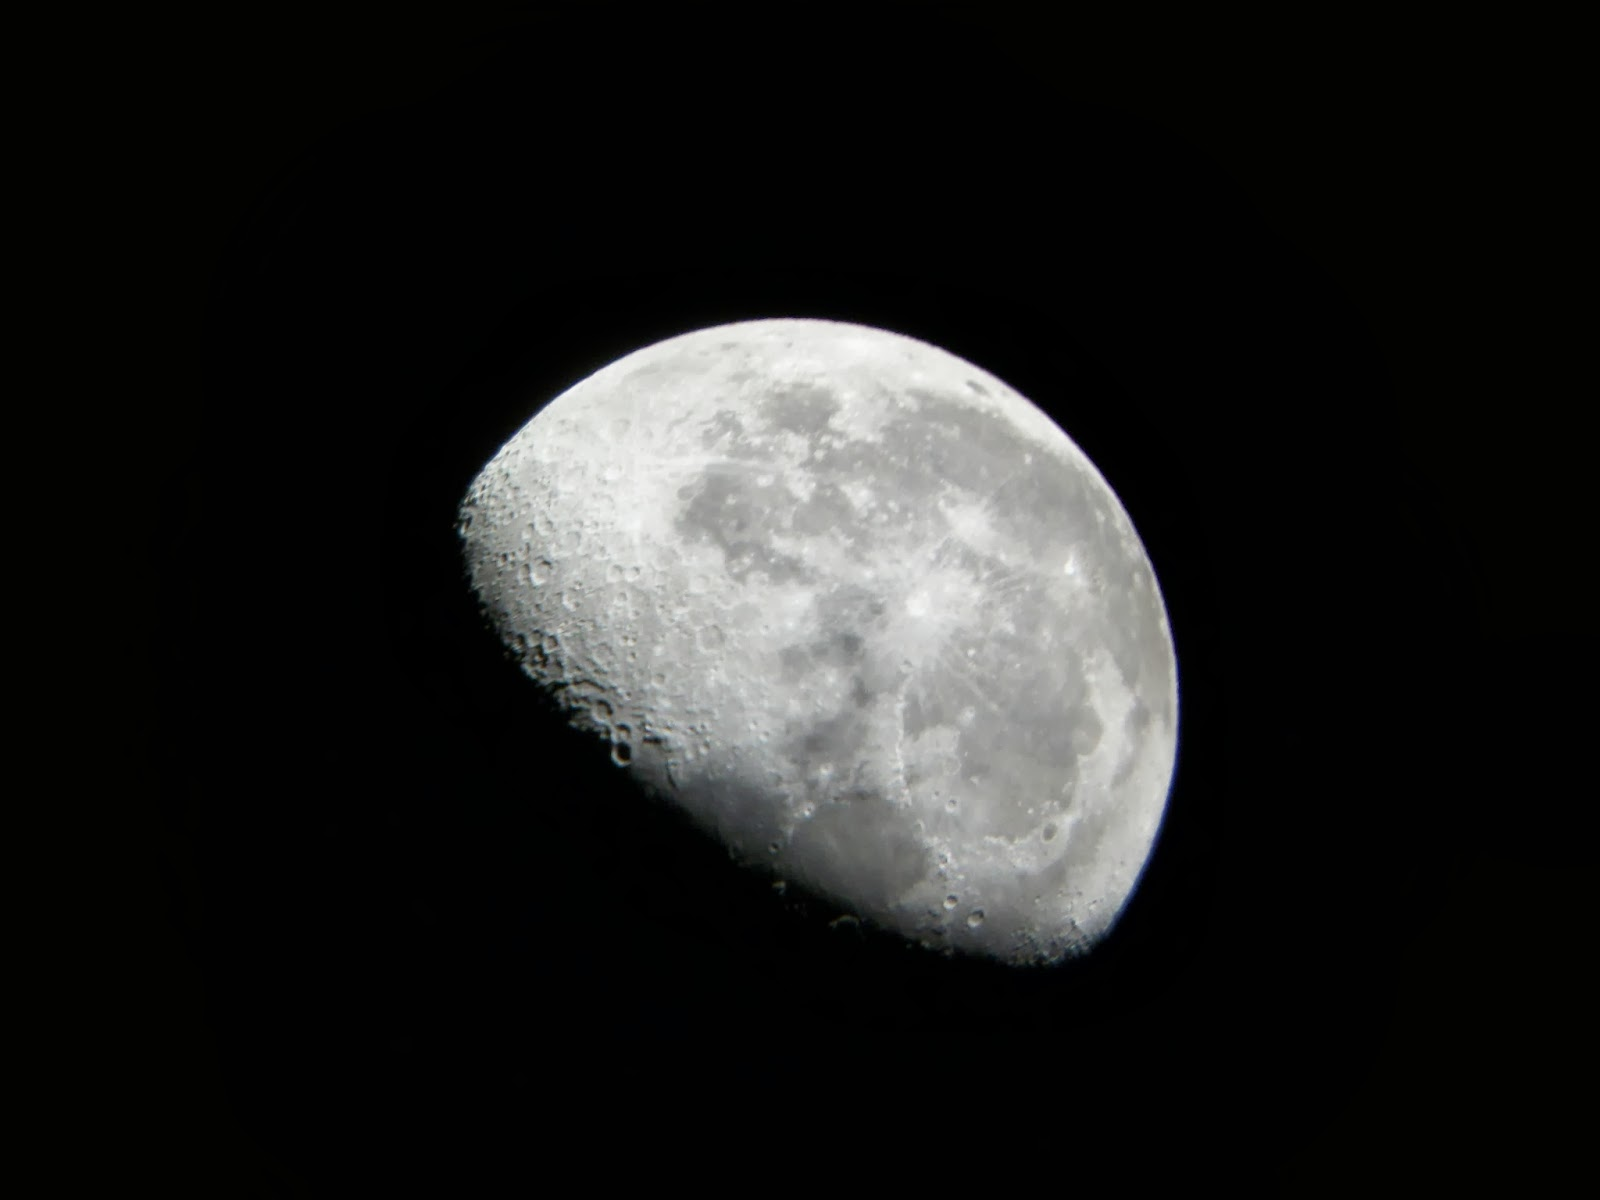 Estamos hechos de polvo de estrellas observaci n del 25 Estamos en luna menguante